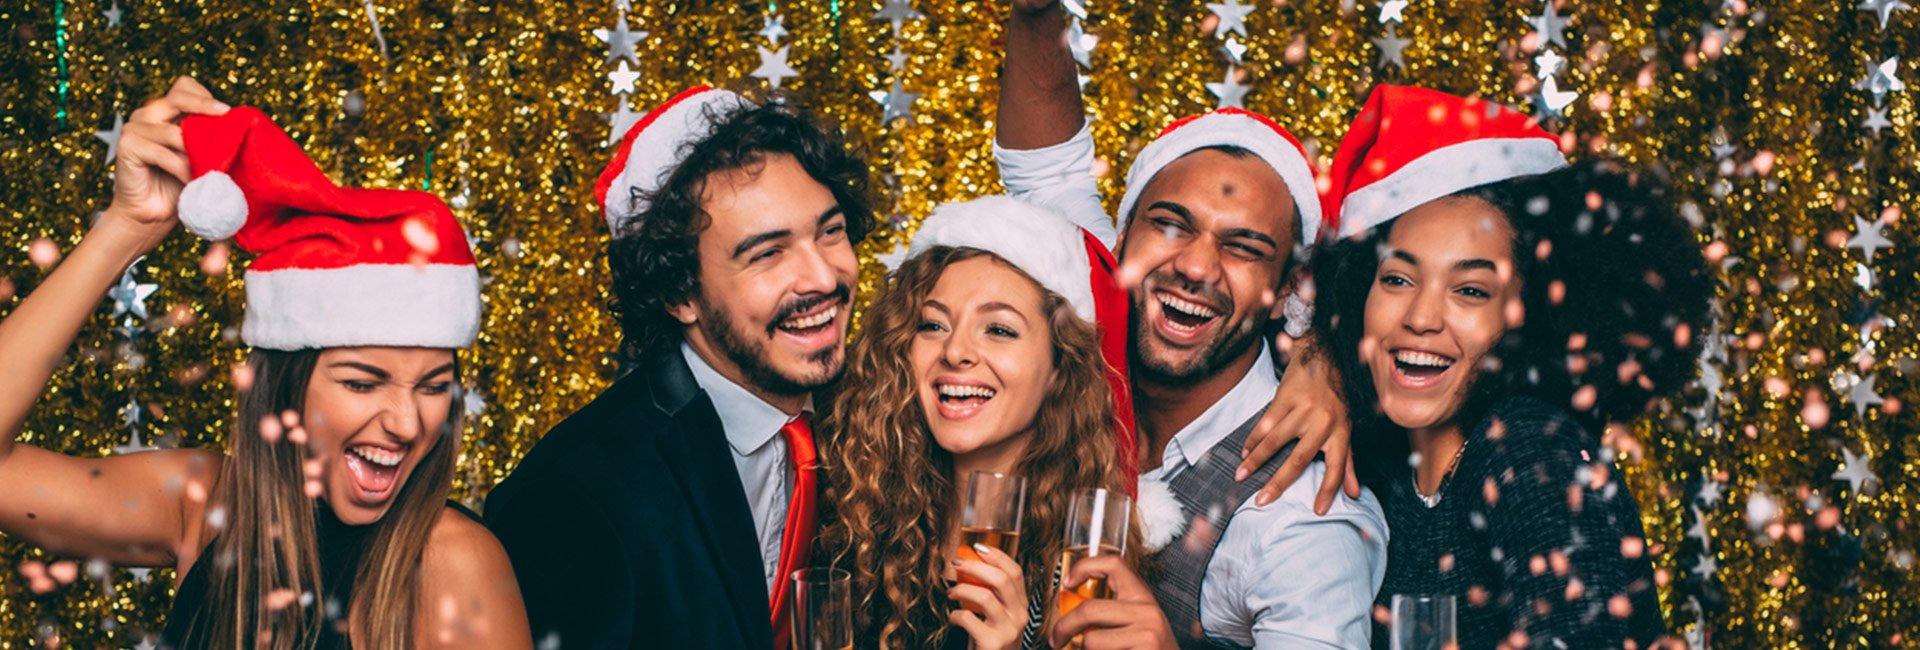 unique christmas party events